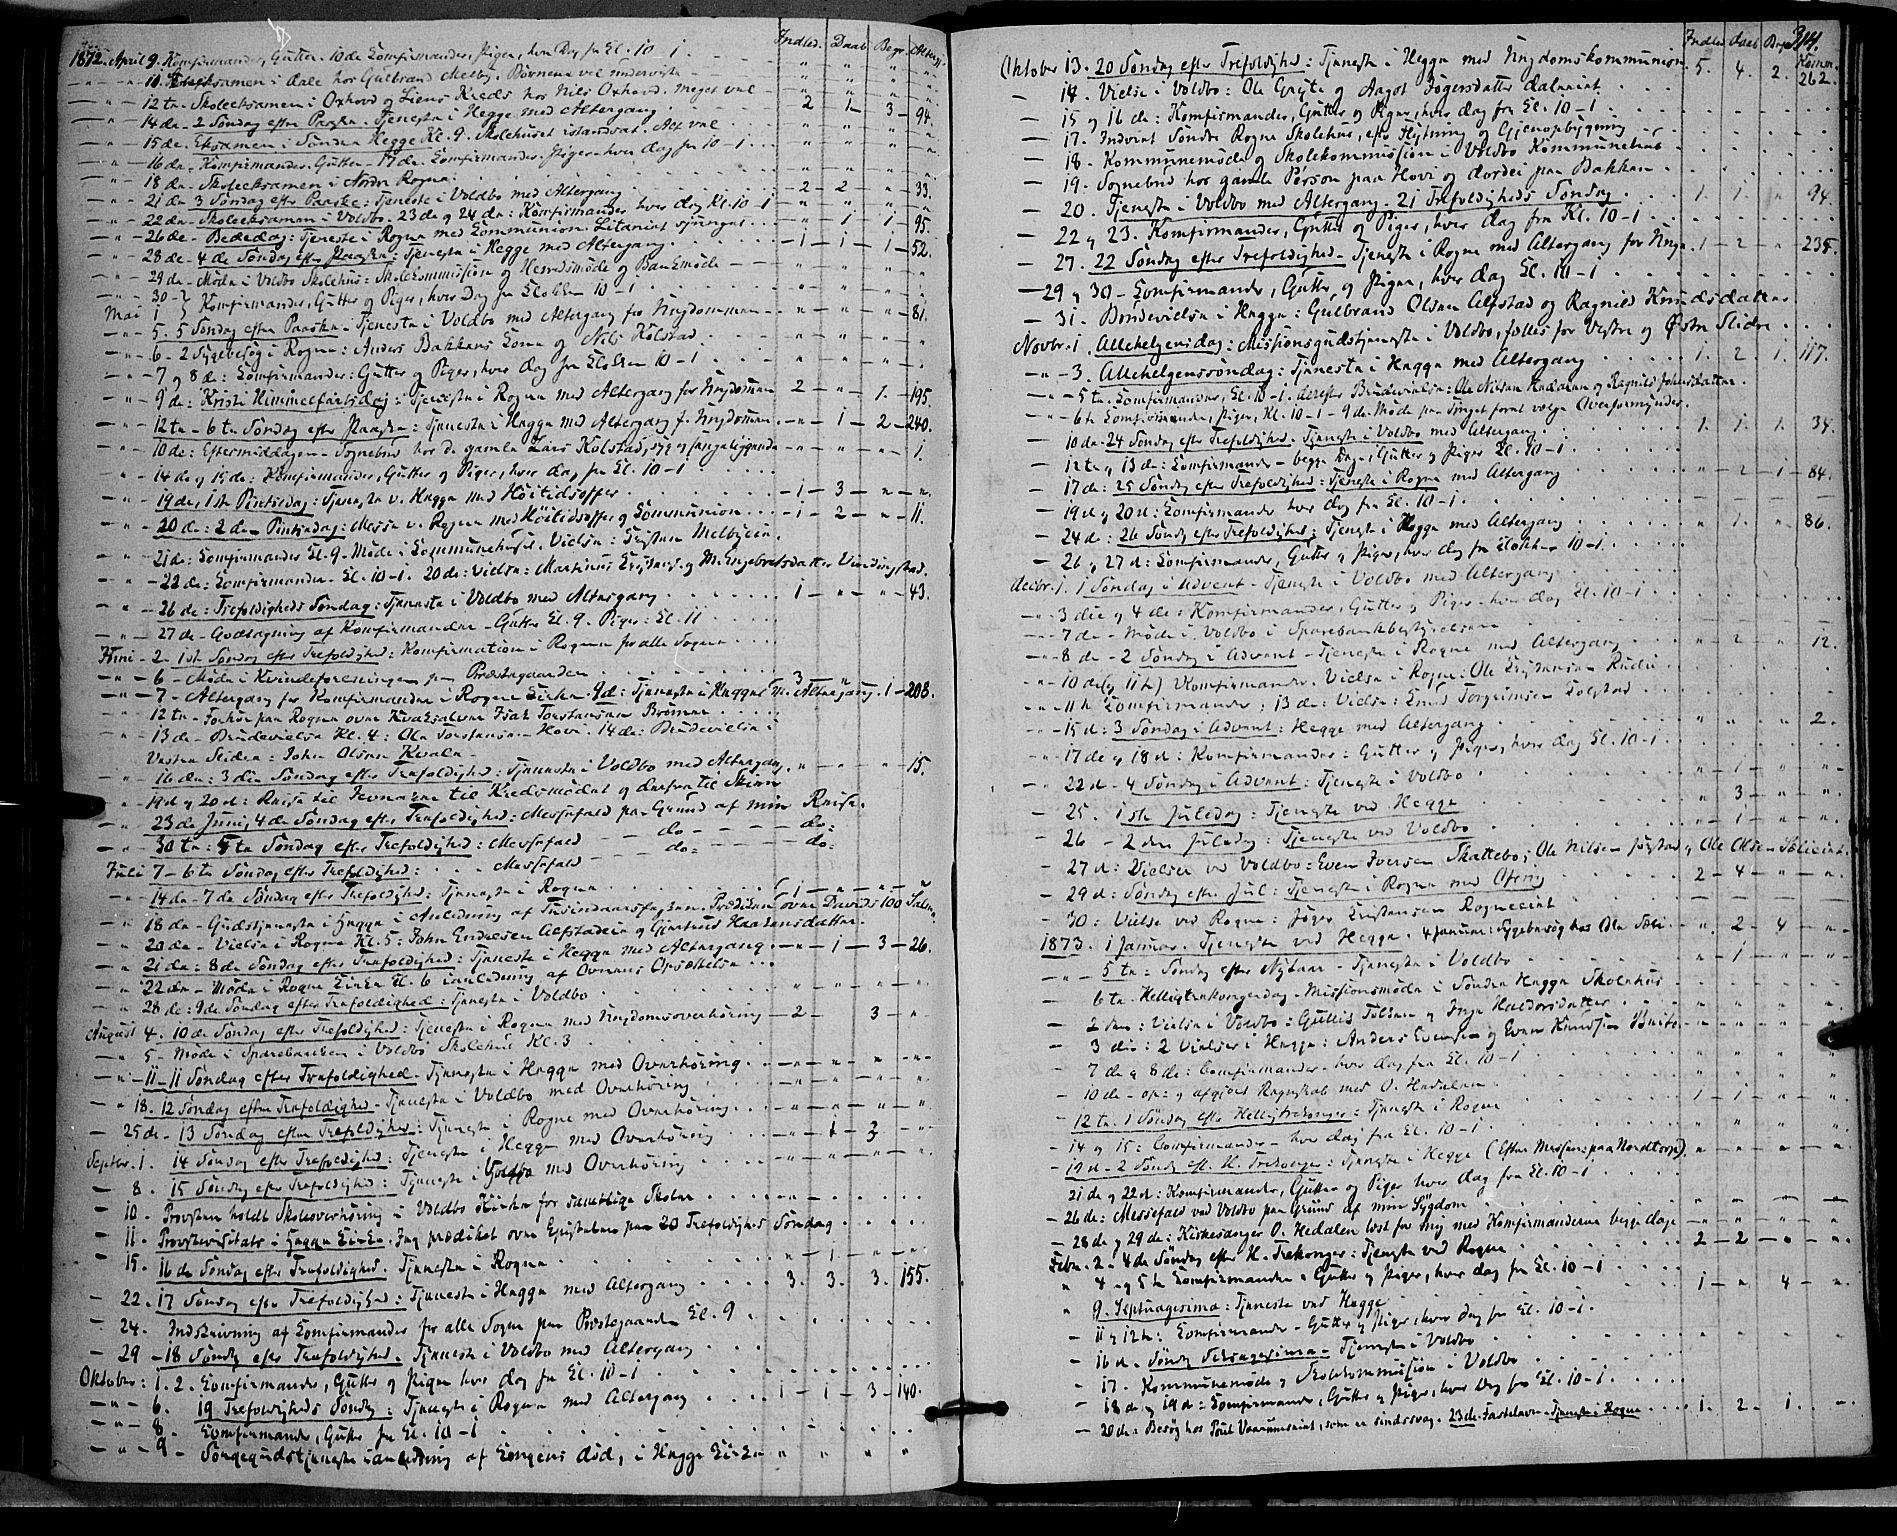 SAH, Øystre Slidre prestekontor, Ministerialbok nr. 1, 1849-1874, s. 314